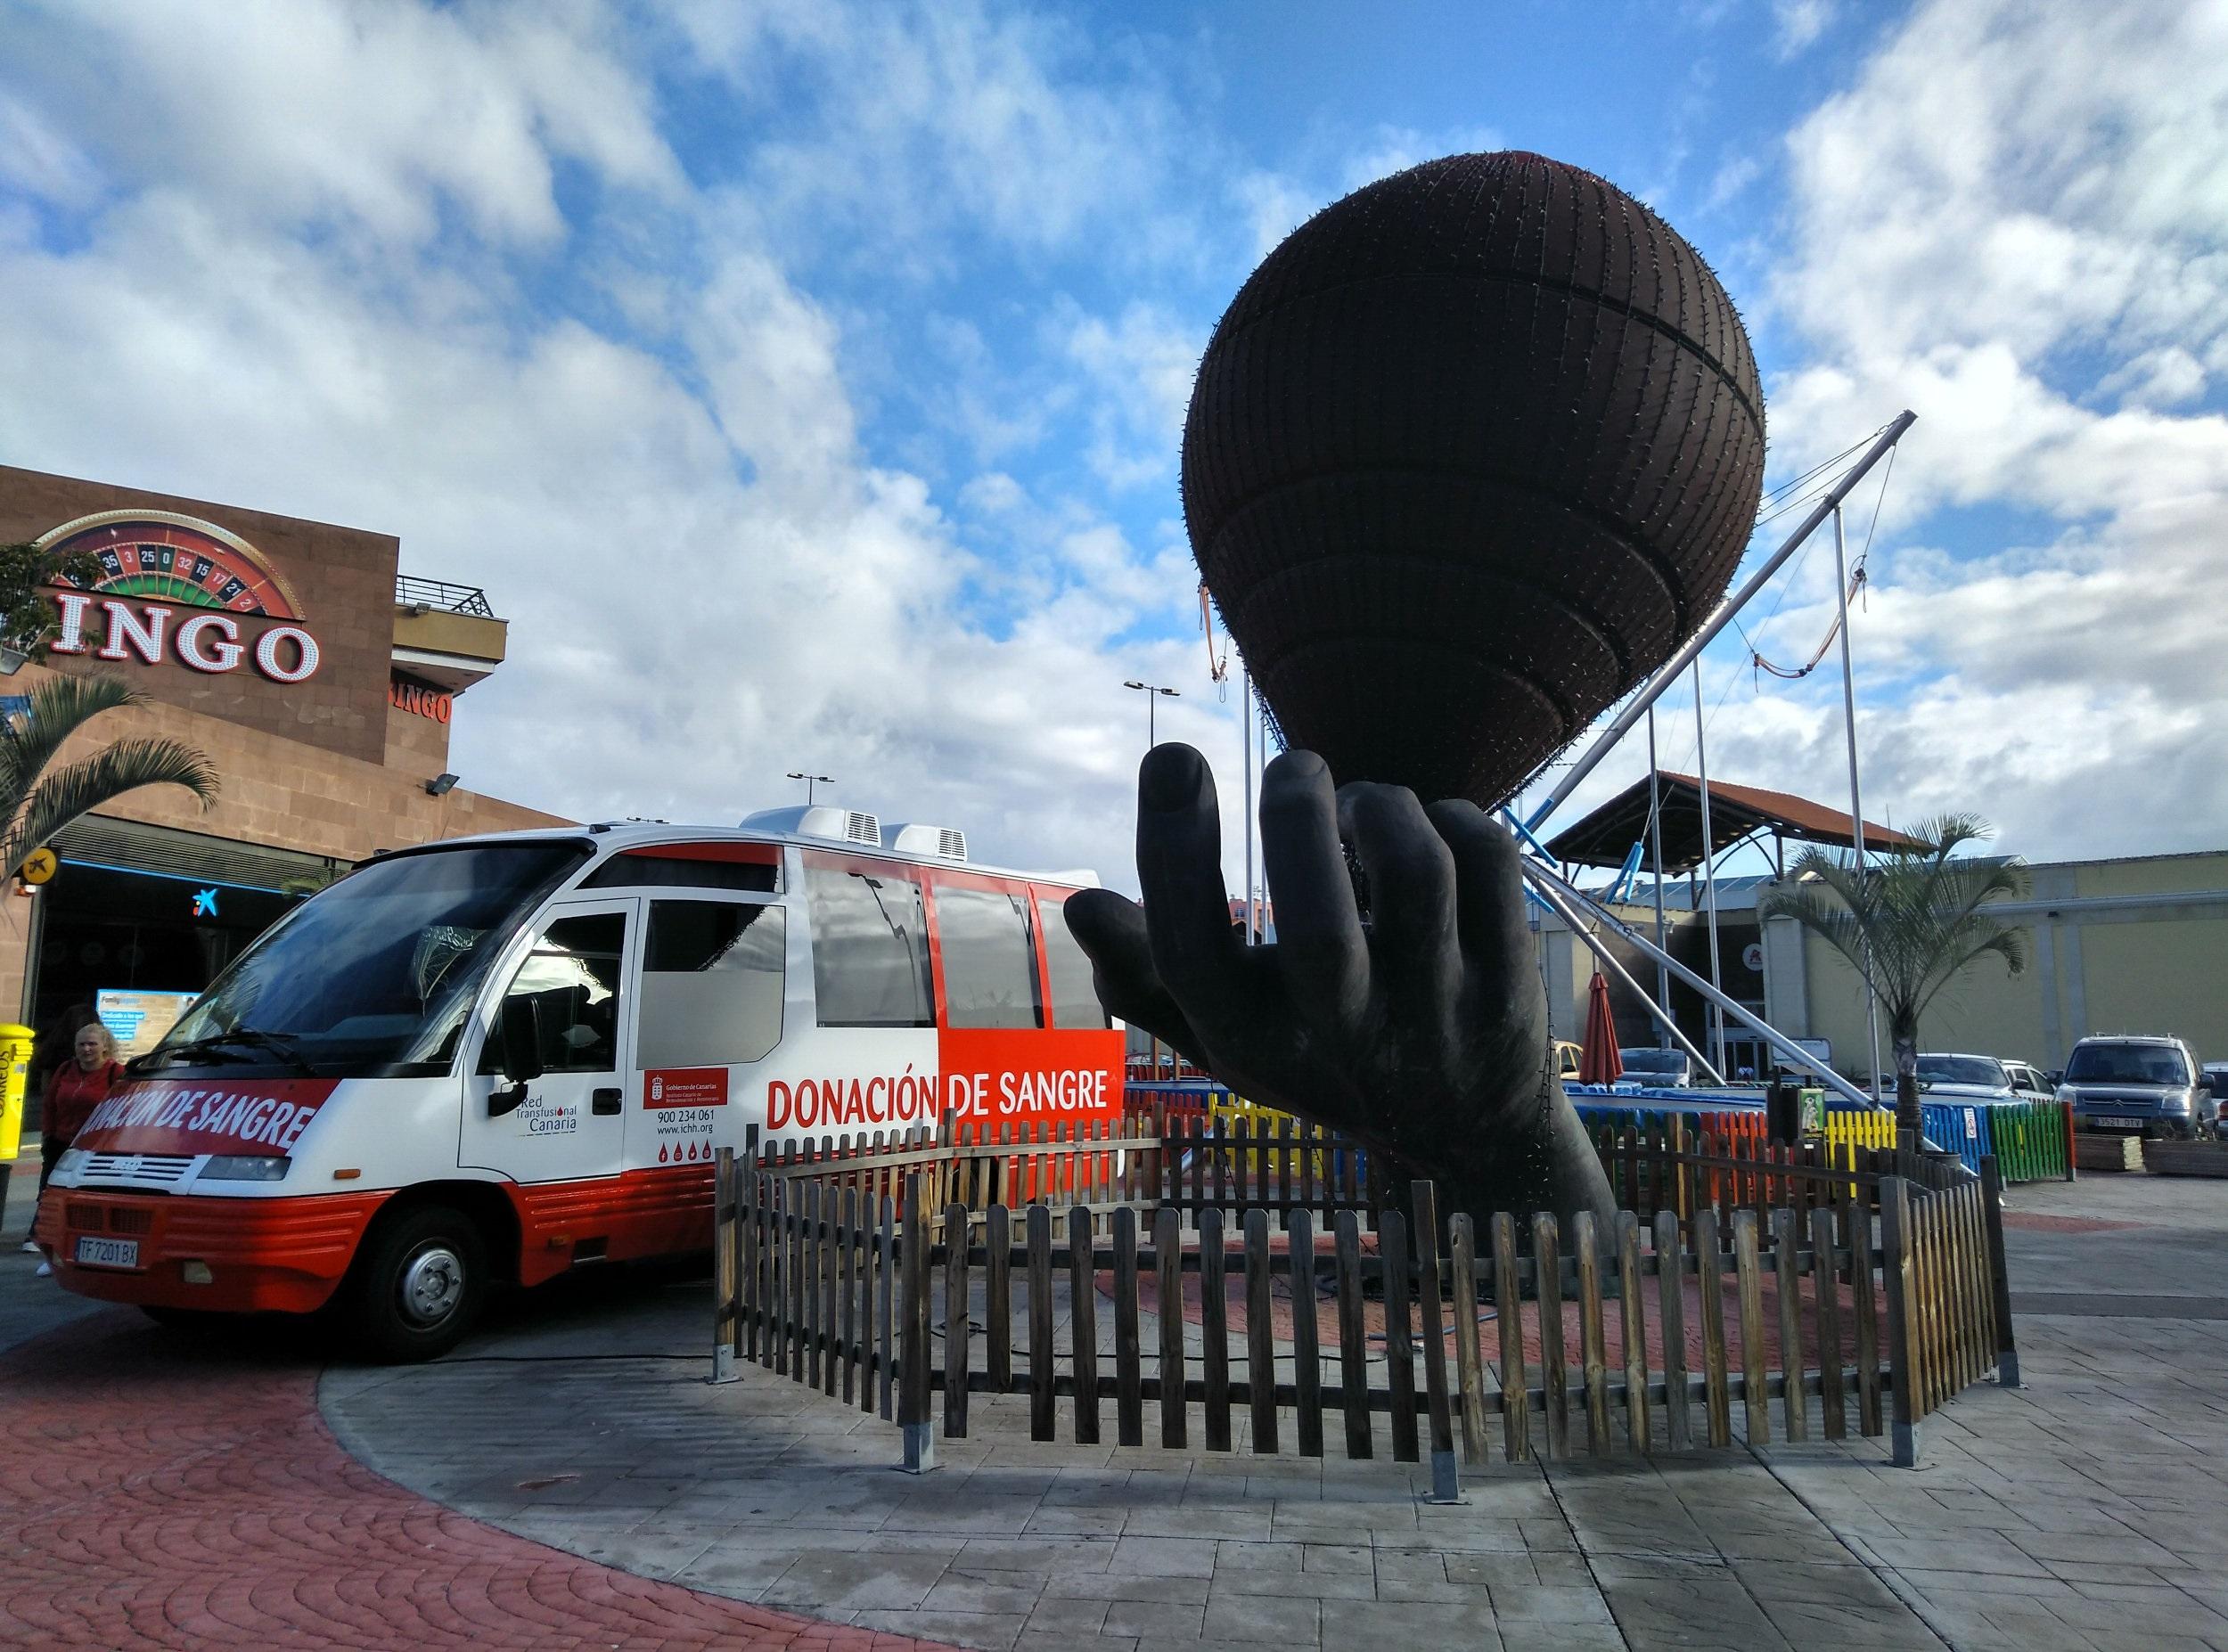 El ICHH continúa promocionando la donación de sangre en la zona norte de Tenerife